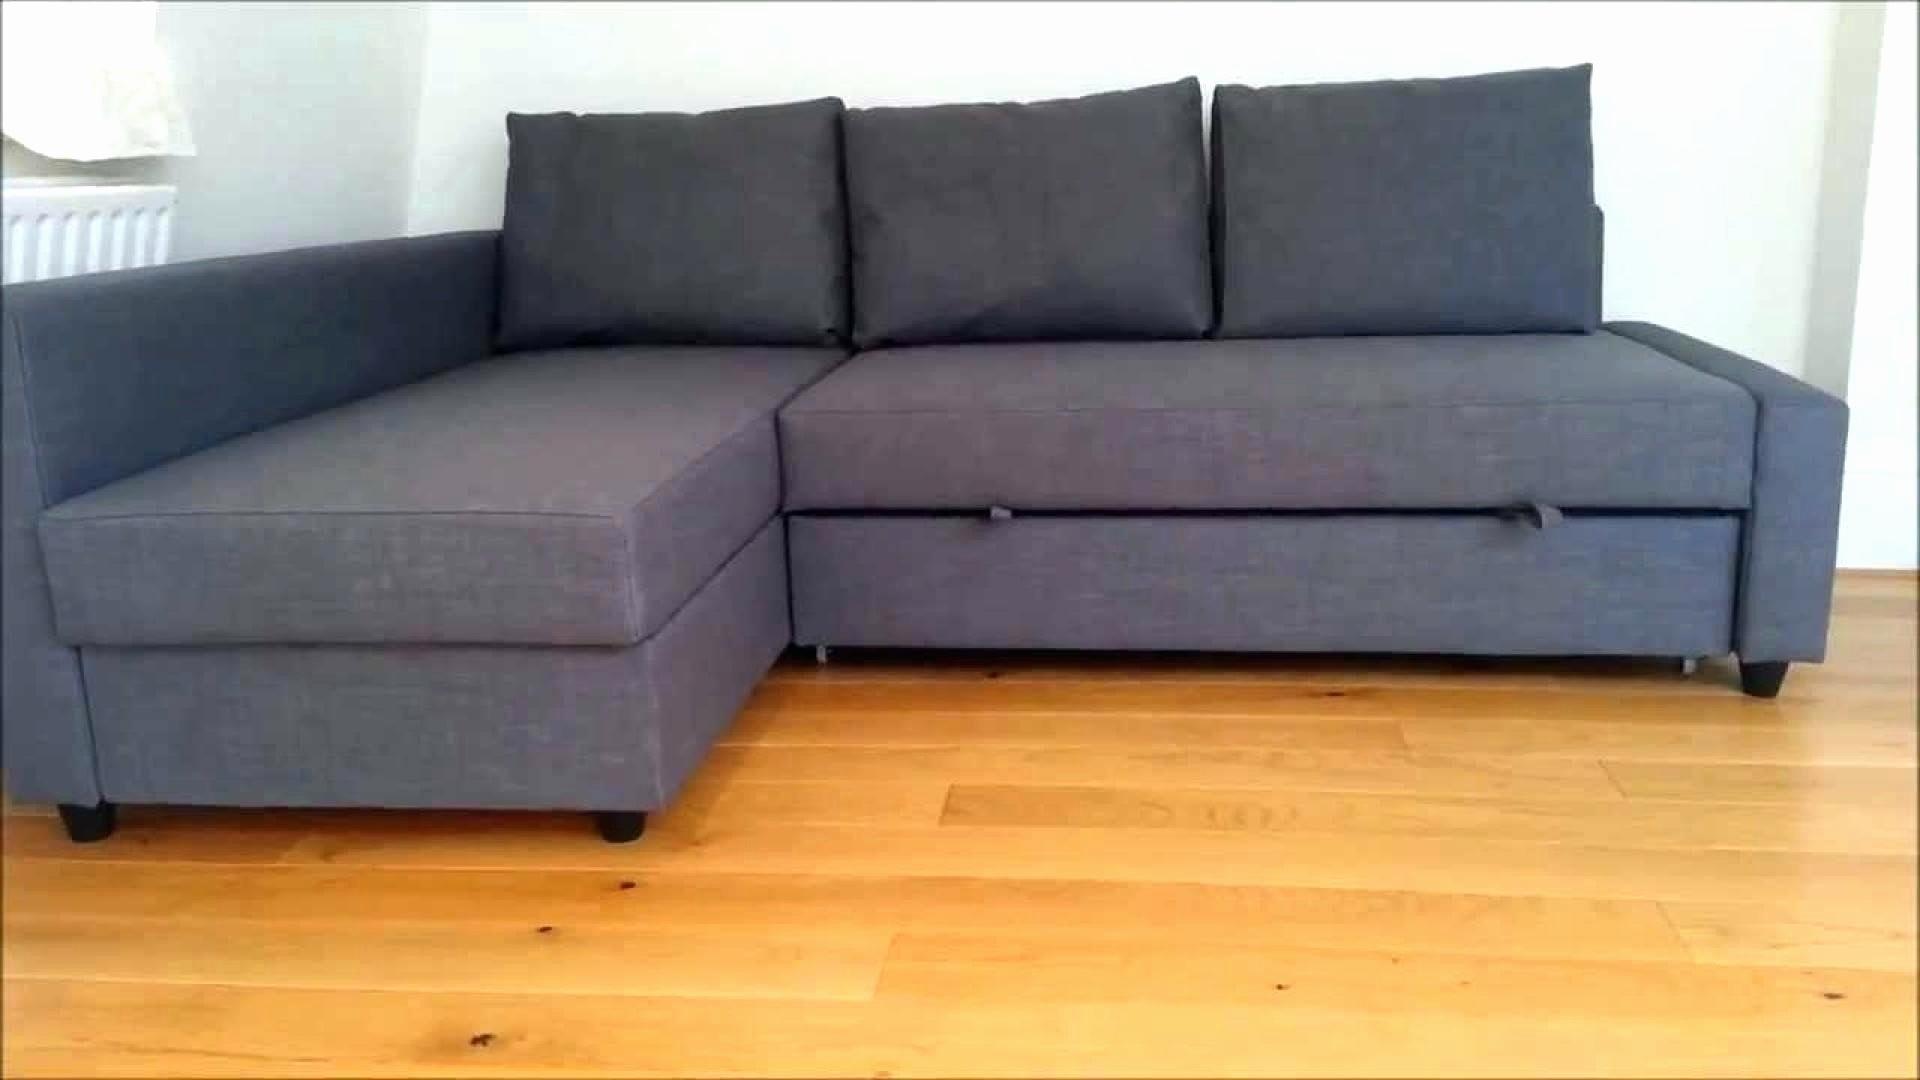 Canape solde Ikea Beau Images Clic Clac Et Bz Pas Cher Radioconexionanimal